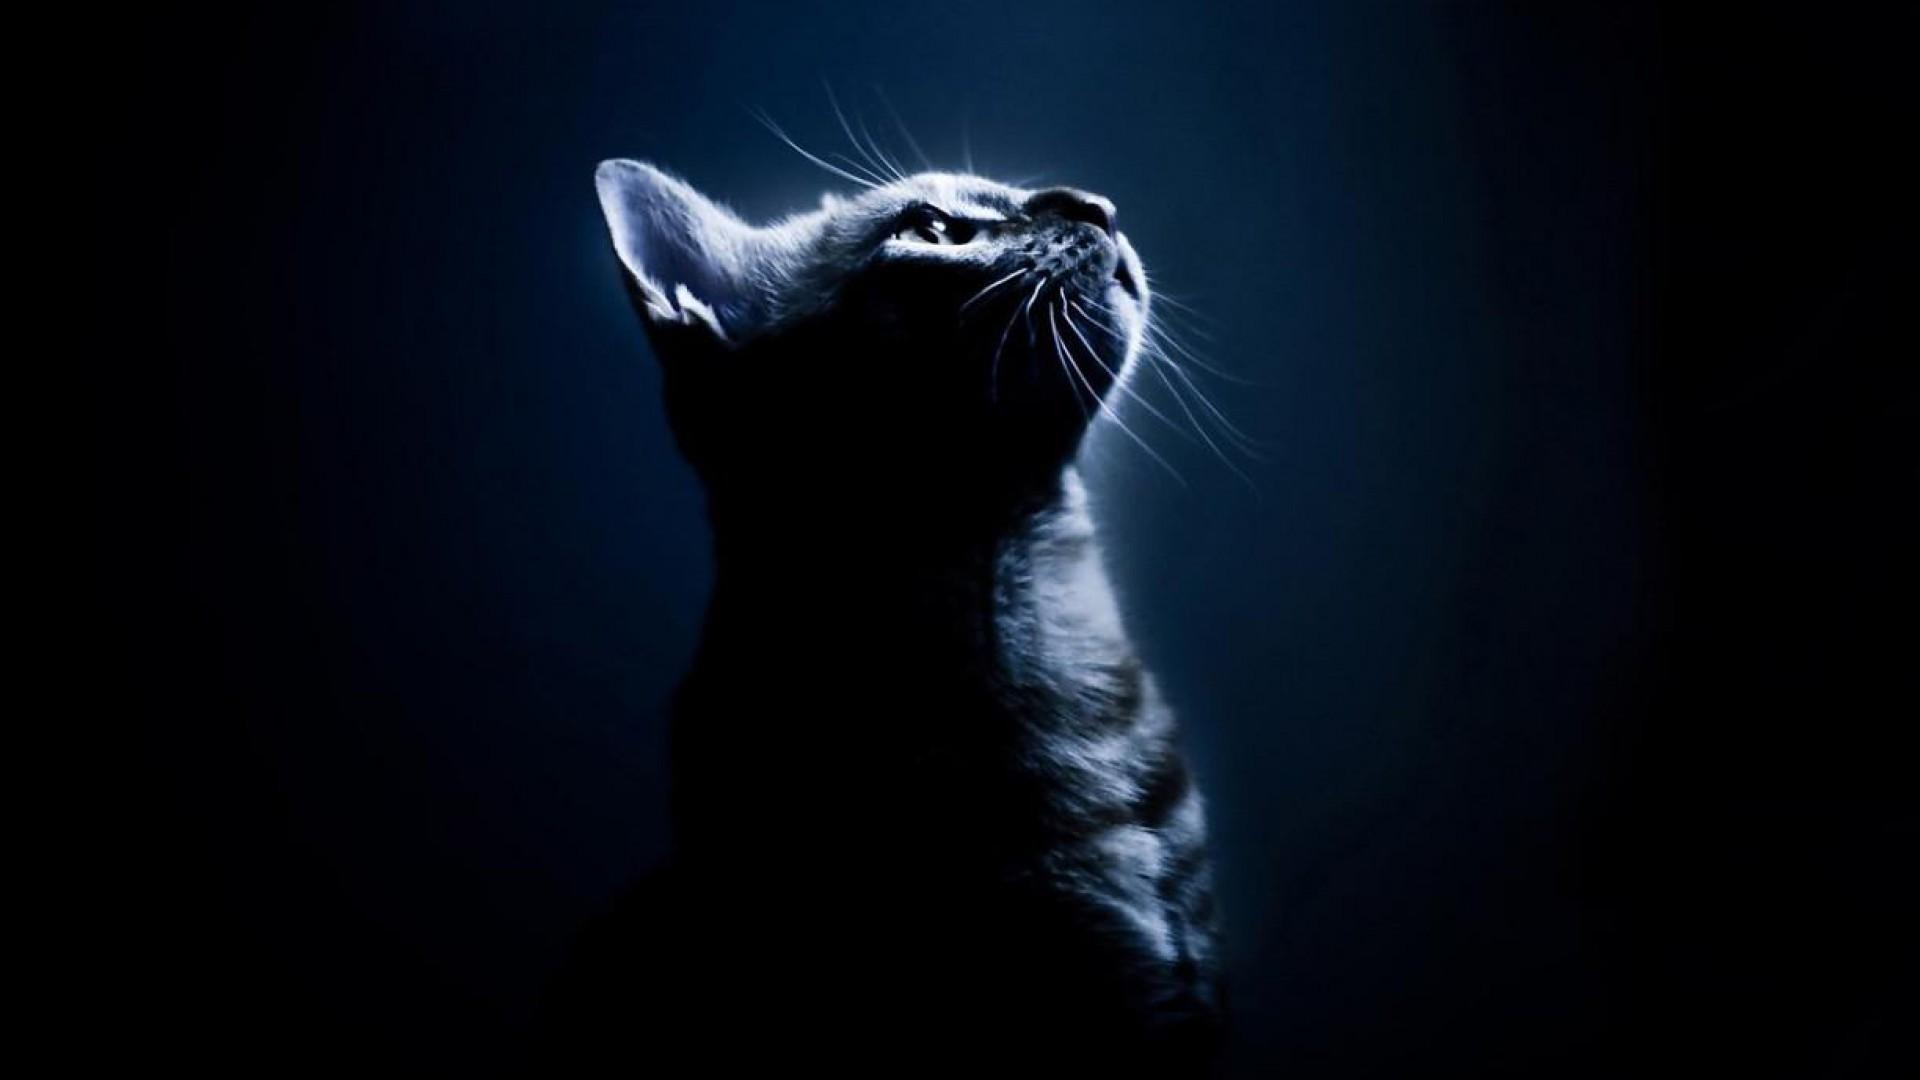 Hình nền mèo đáng yêu đẹp